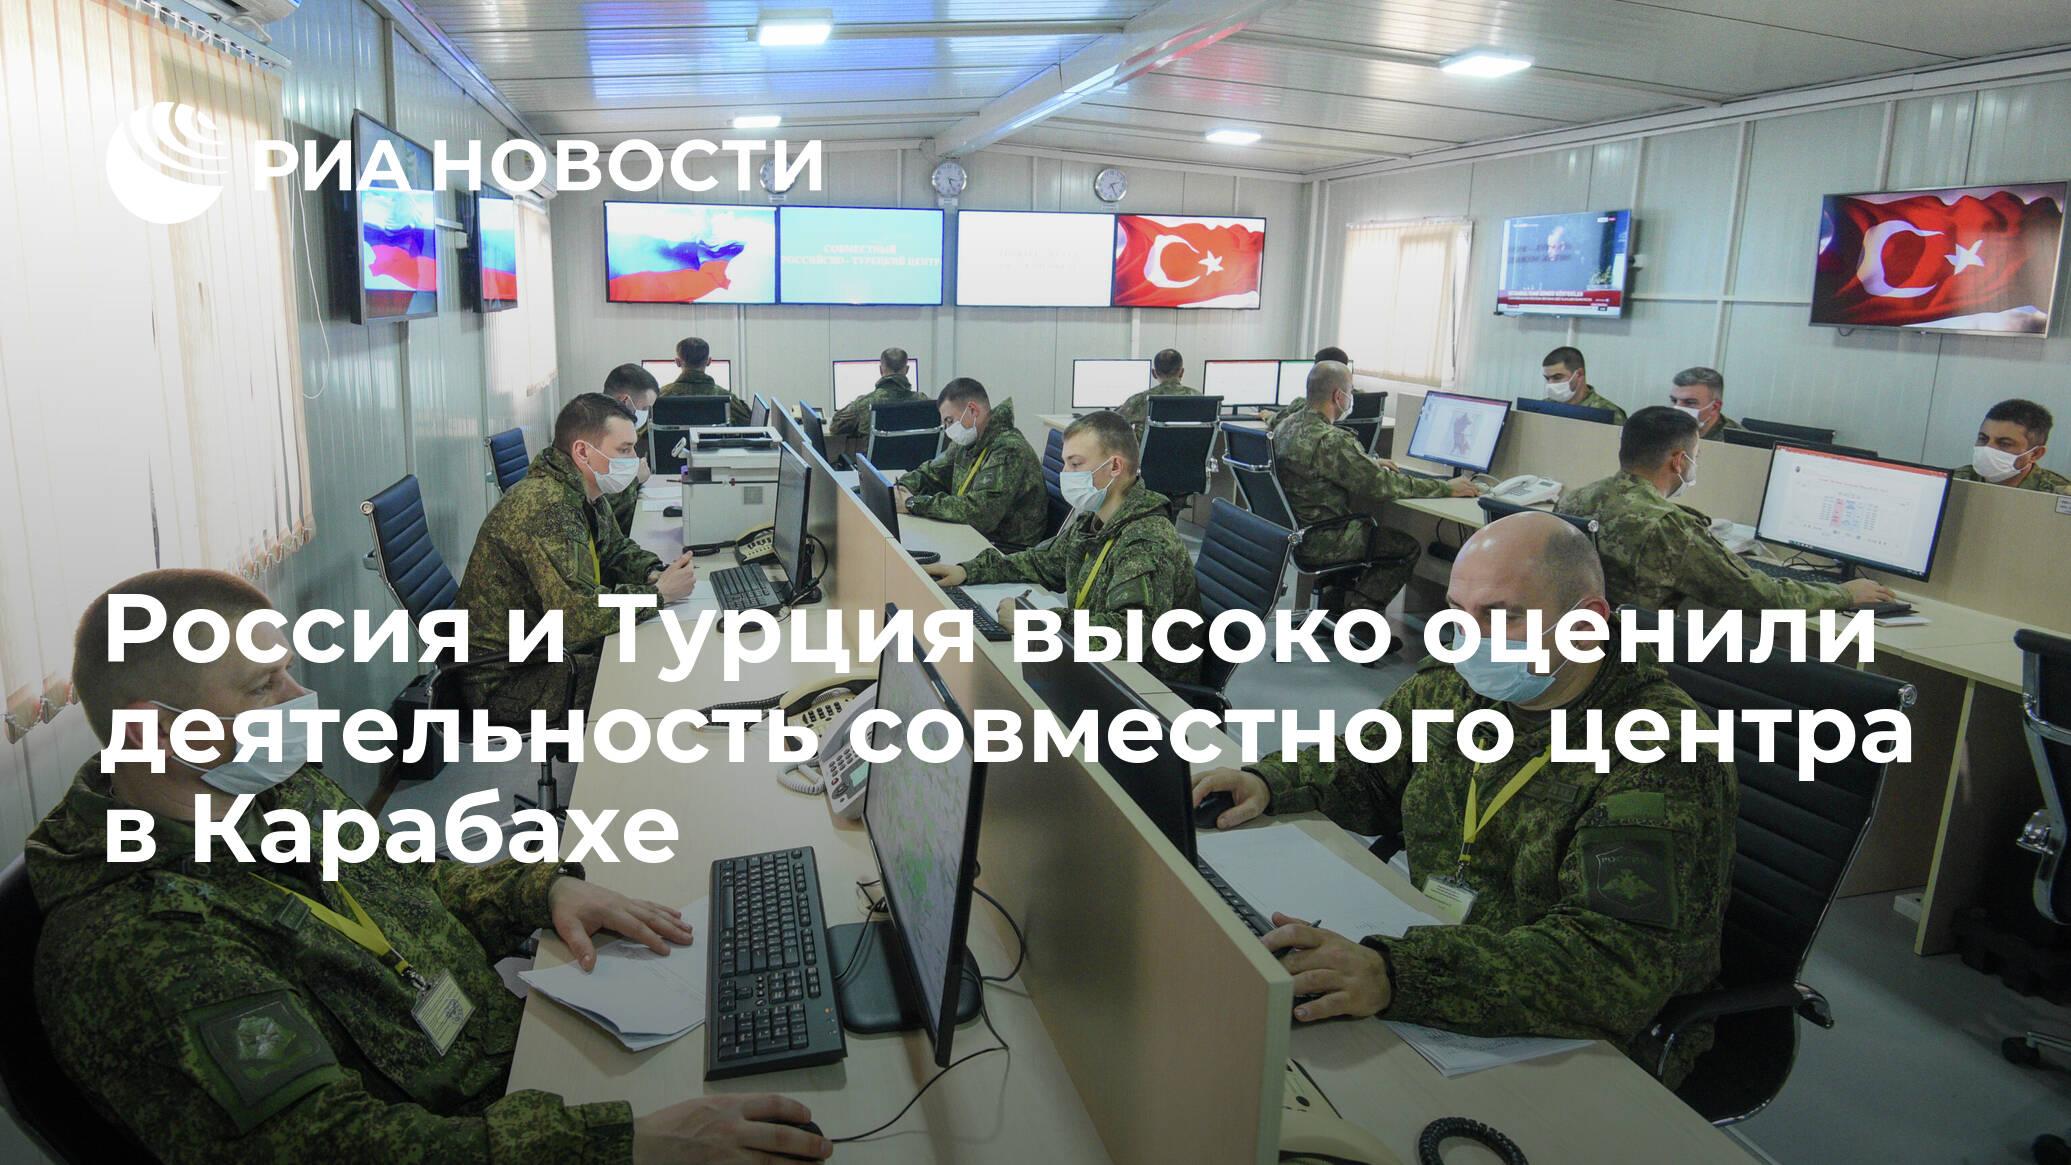 Россия и Турция высоко оценили деятельность совместного центра в Карабахе